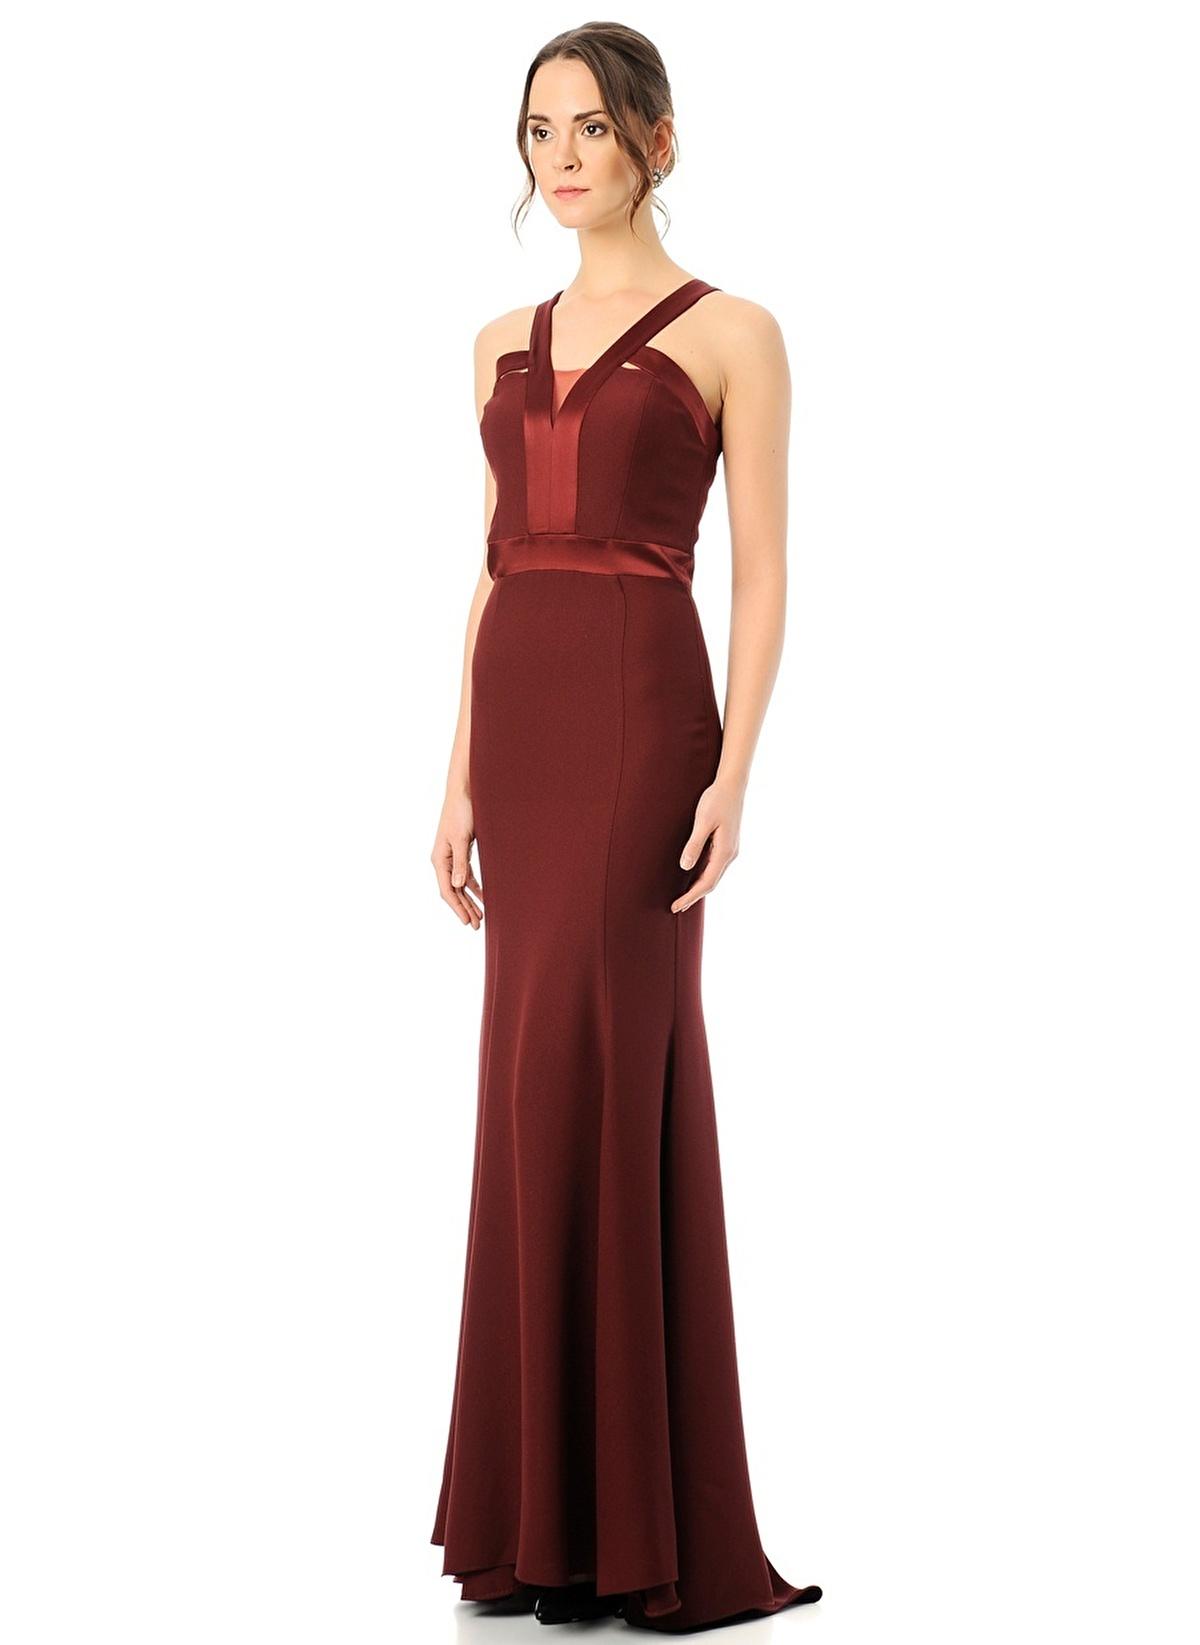 e00fa5ebec015 ParkBravo Kadın Elbise Bordo | Morhipo | 14291636